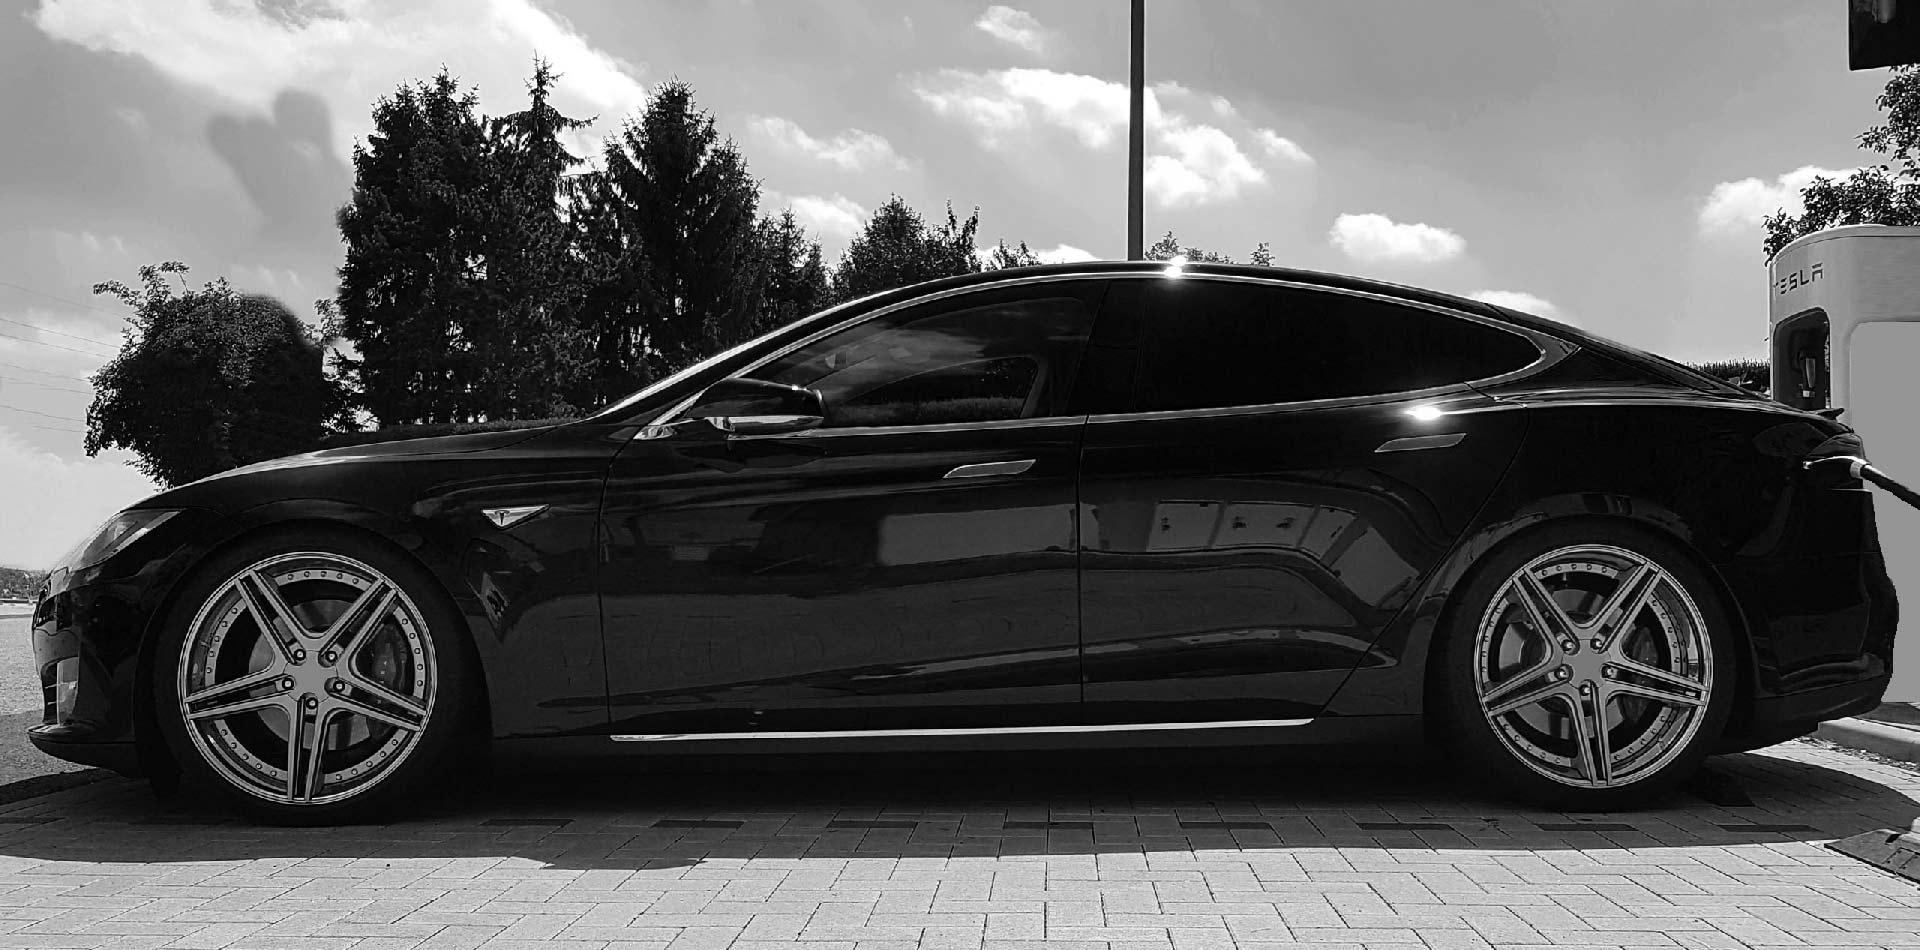 Tesla-felgen-21-zoll